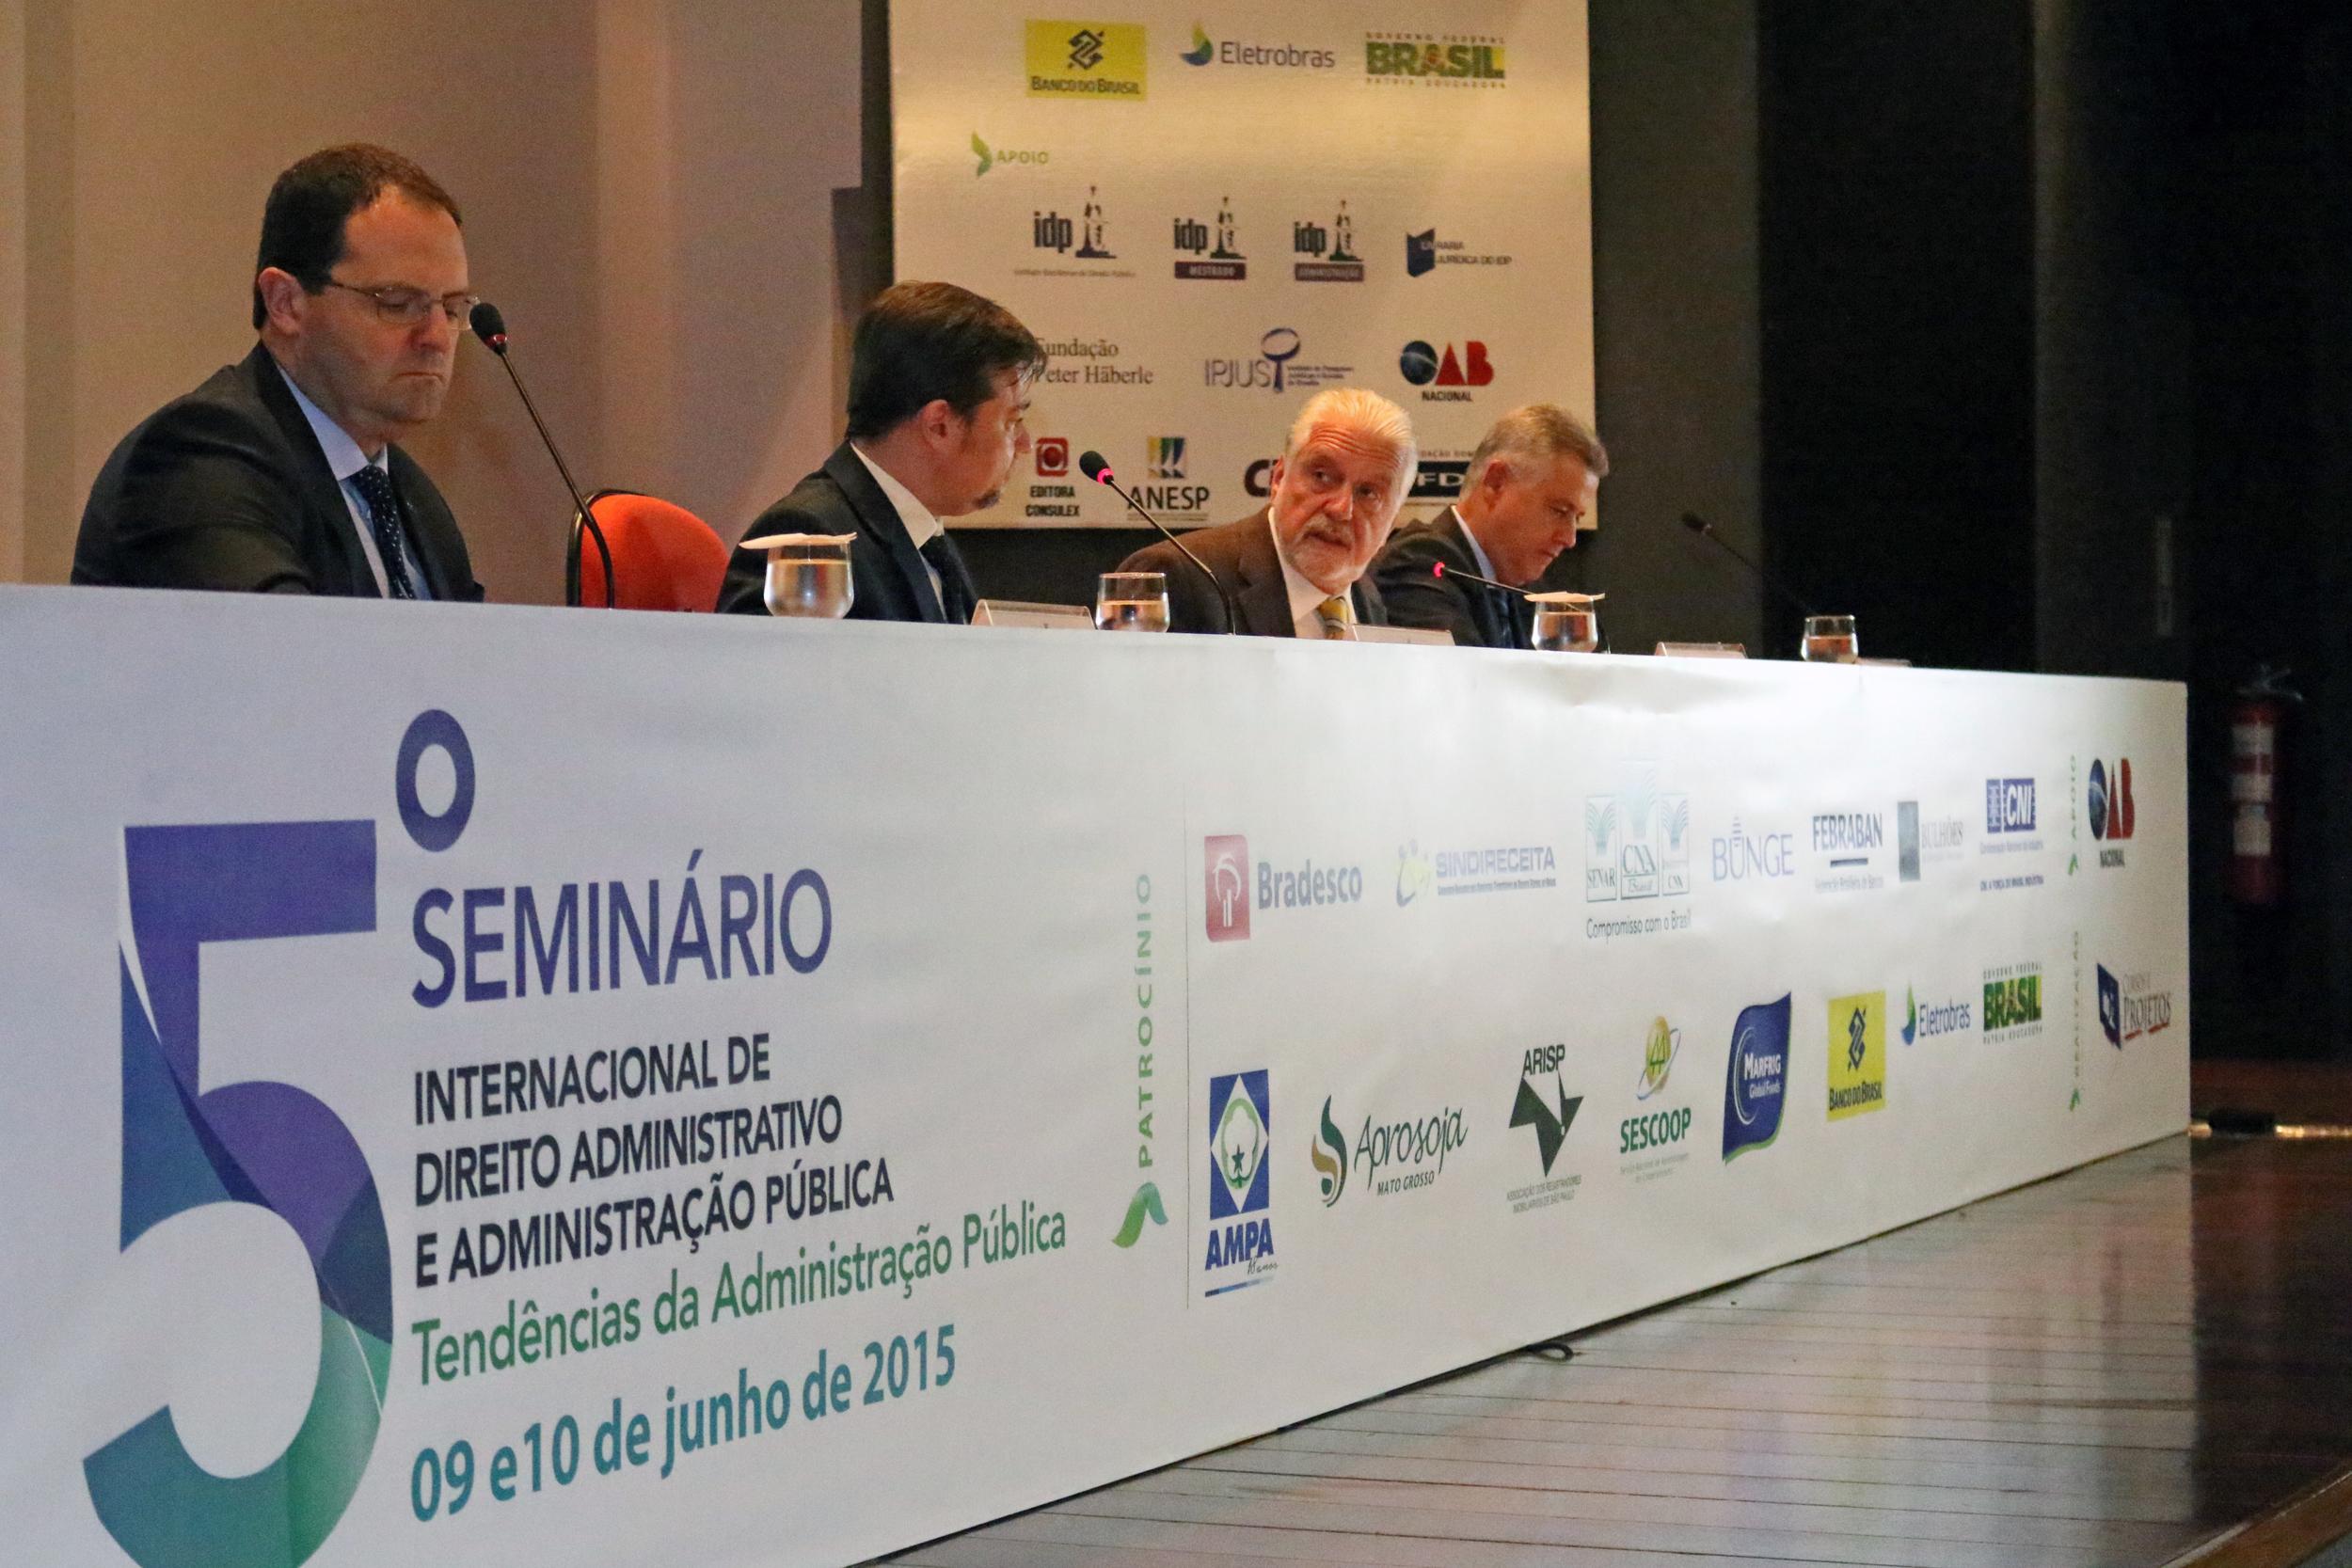 Logo da ANESP, ao lado do Ministro Jaques Wagner, estampada em material do evento.